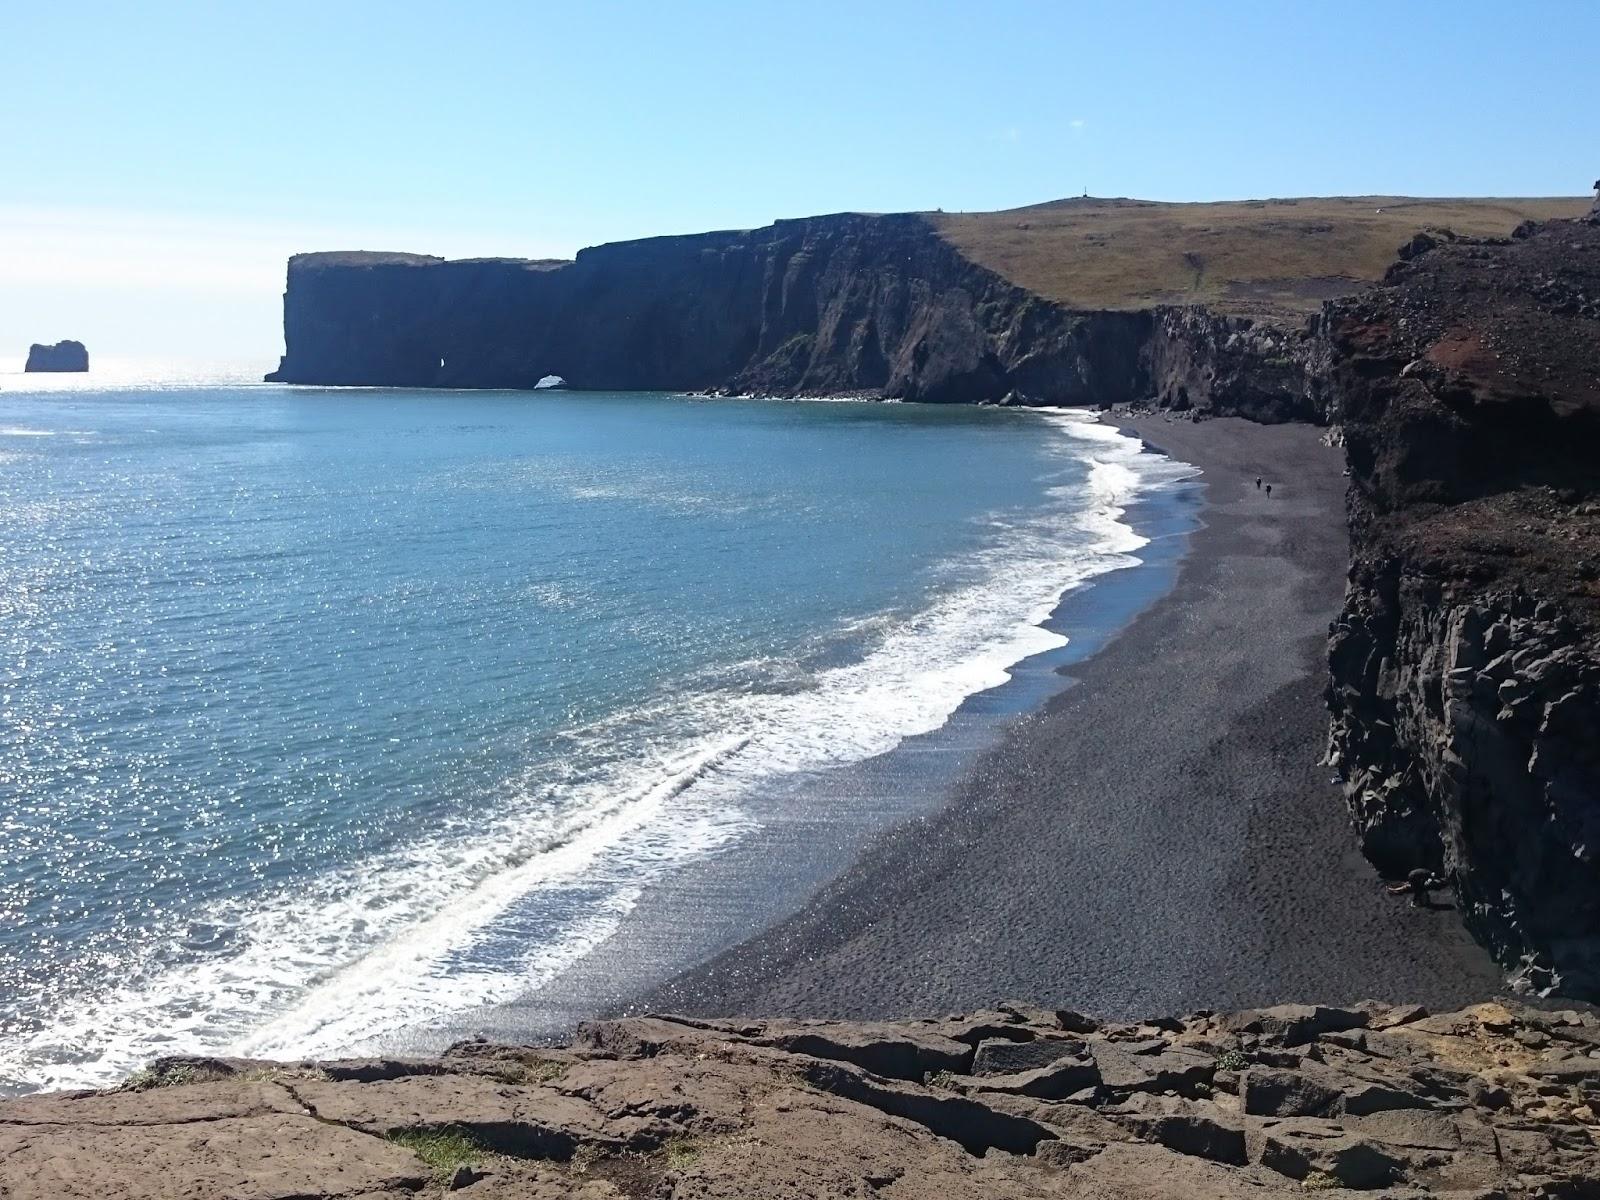 Półwysep Dyrholaey od wschodu, Islandia, Dyrholaey, atrakcje Islandii, południowa Islandia, zwiedzanie Islandii, zwiedzanie Islandii w weekend